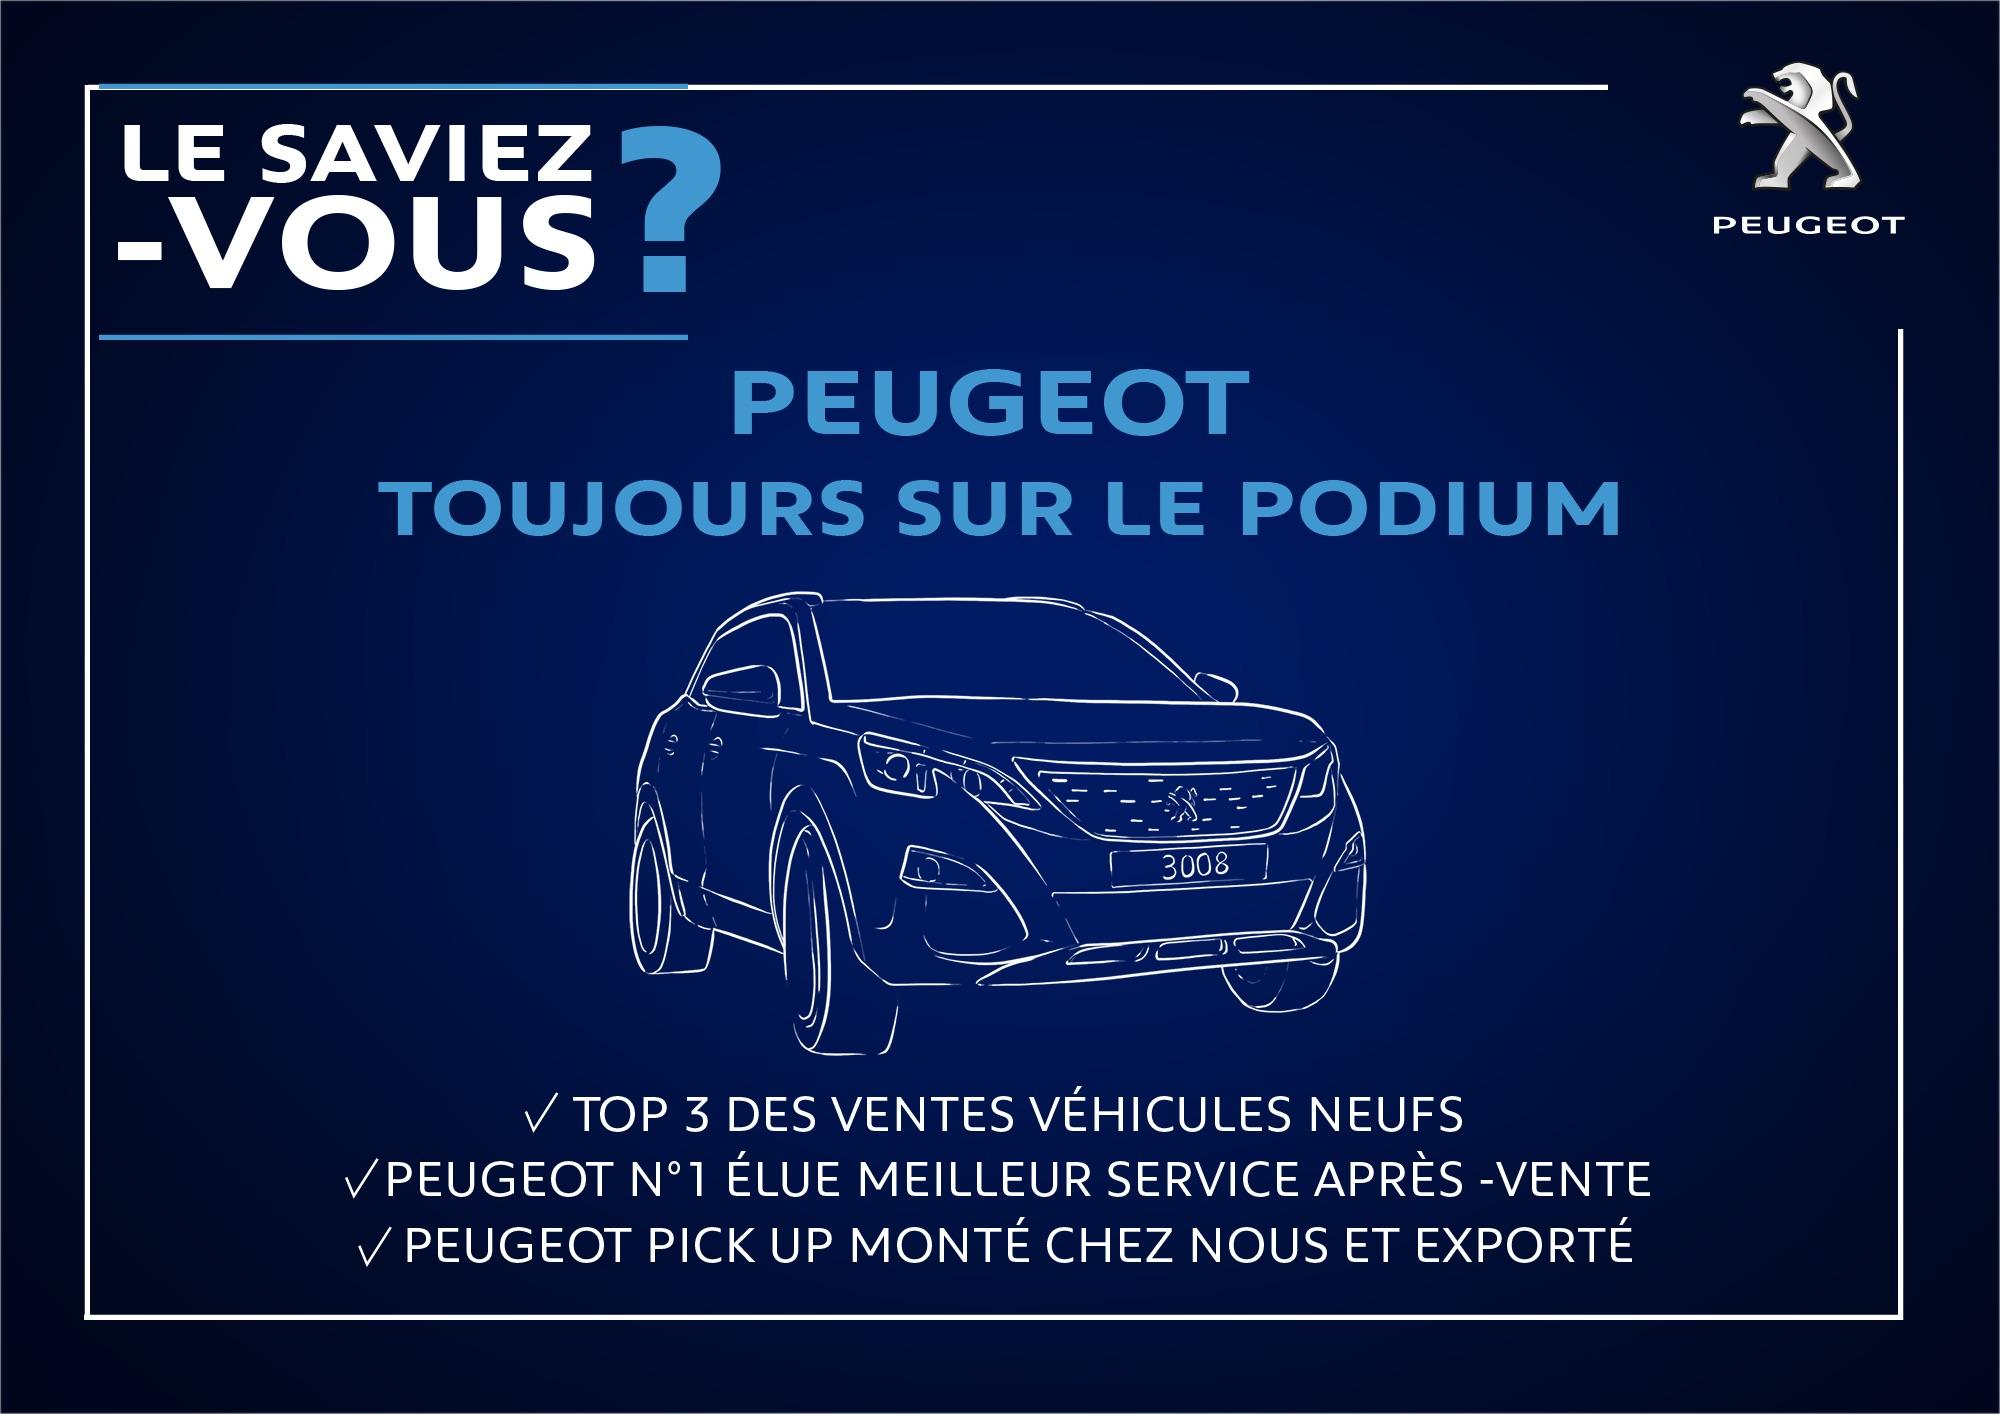 Peugeot toujours sur le podium